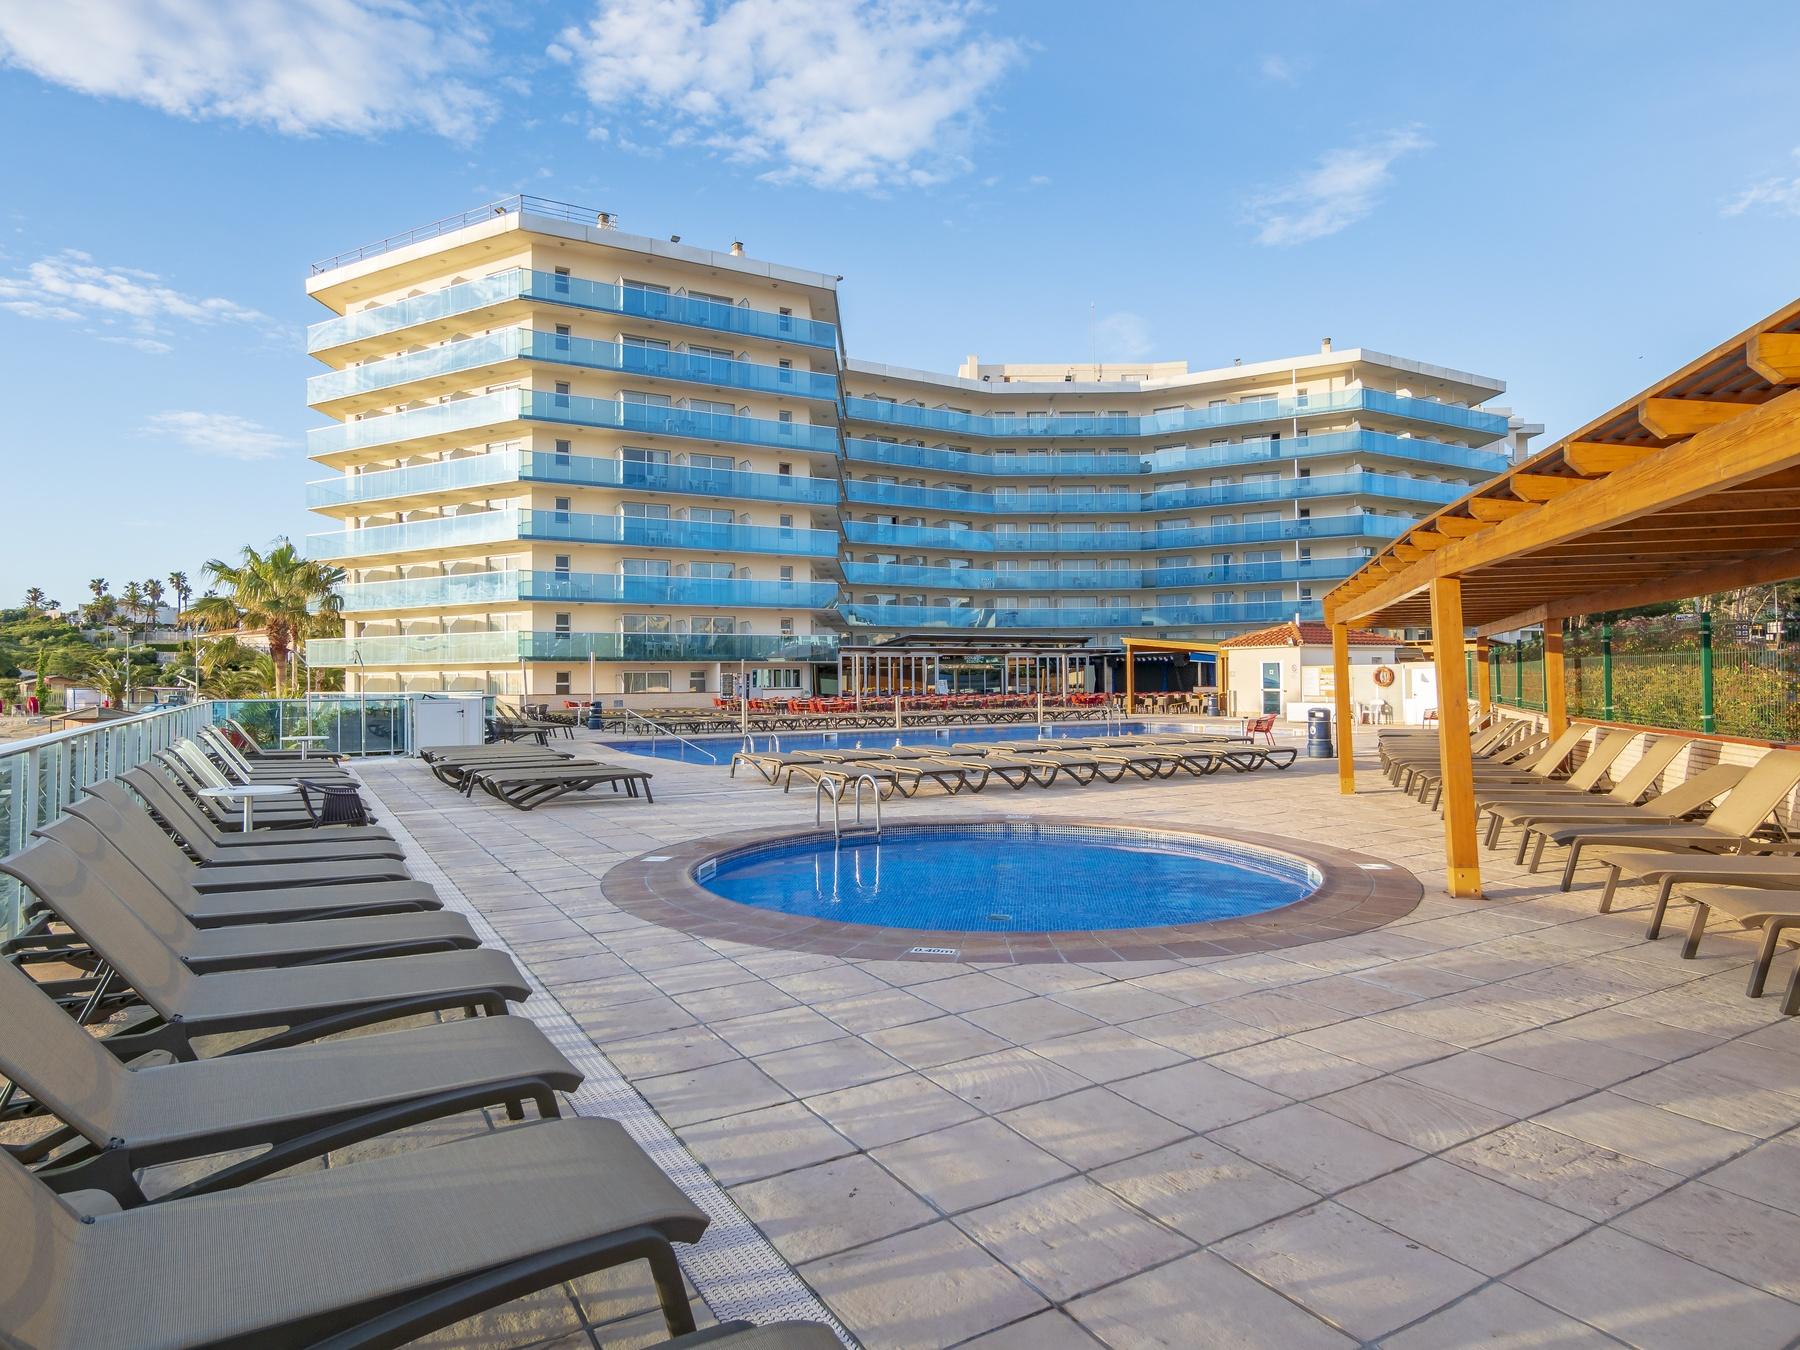 Hotel con habitaciones familiares en playa de salou costa for Hoteles playa con habitaciones familiares